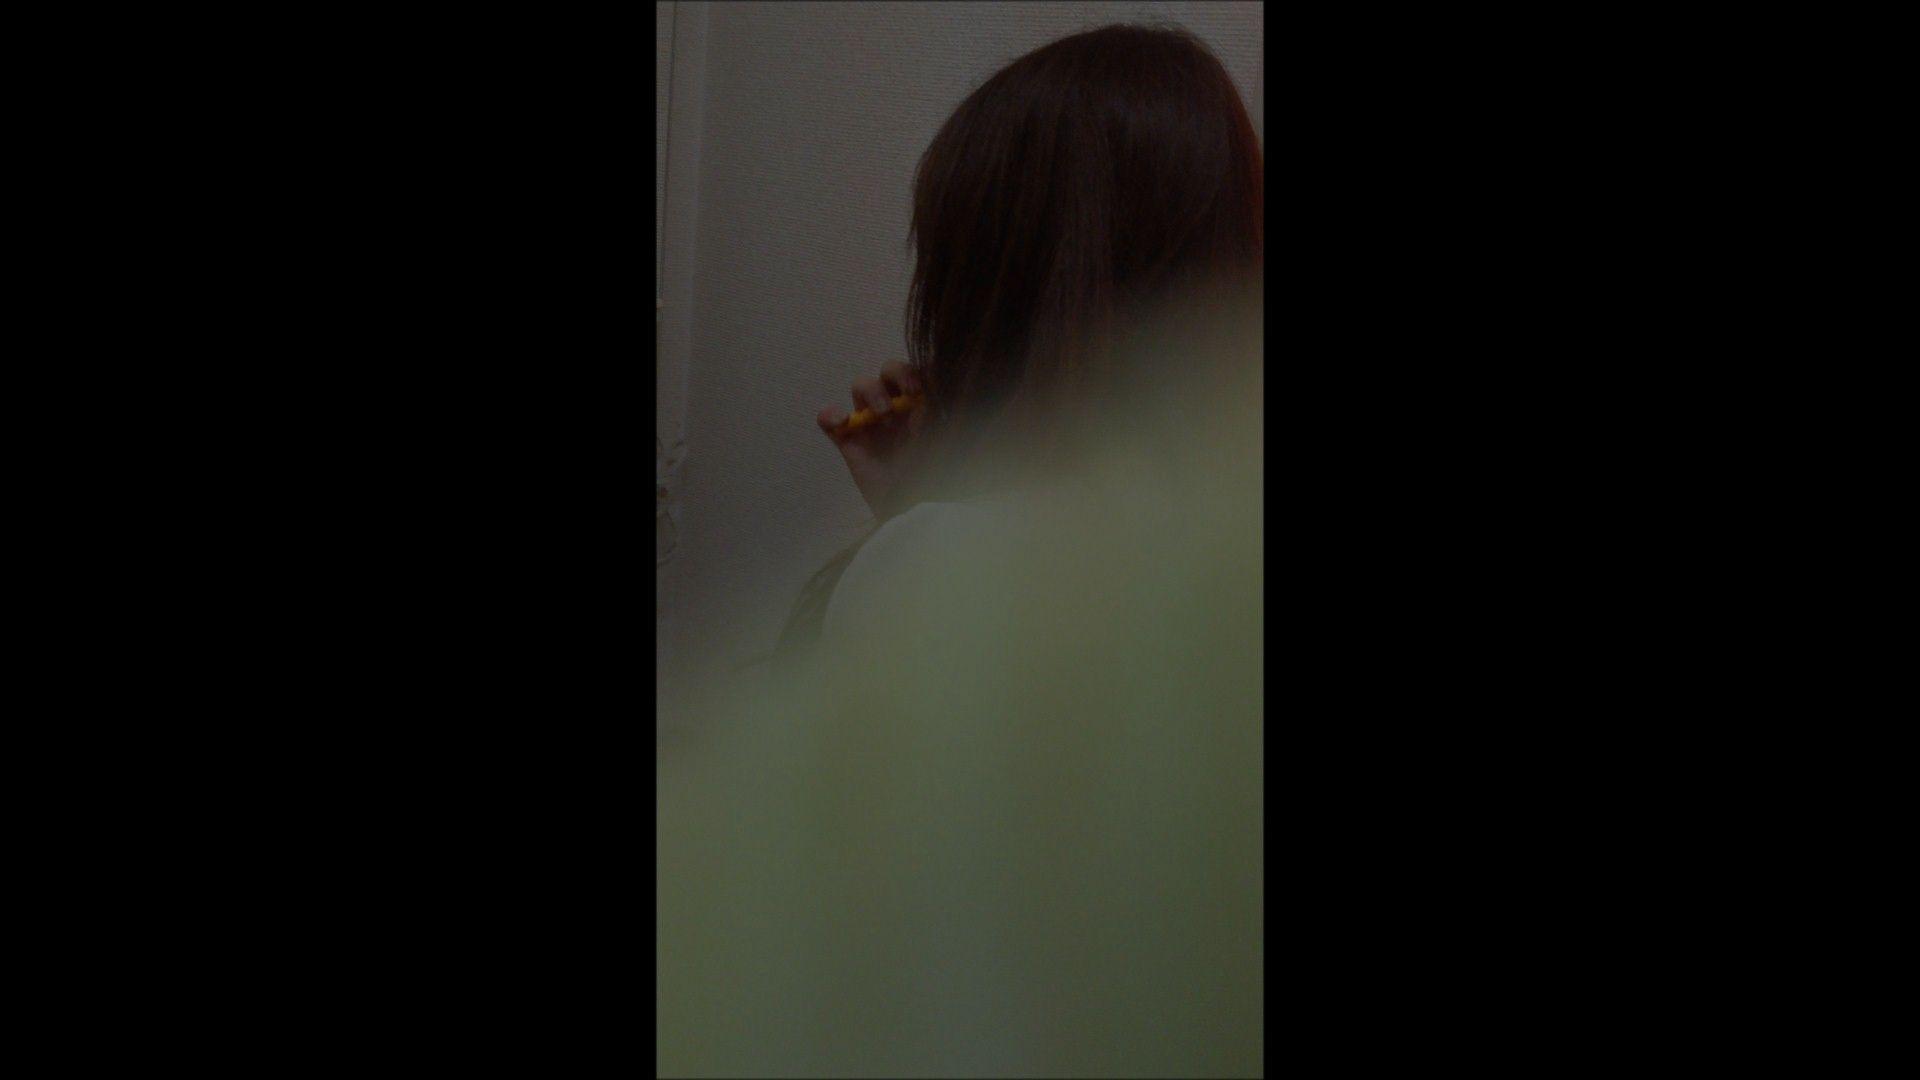 08(8日目)メイク中の彼女の顔を撮りました! マンコ特集 | オマンコ丸見え  59連発 28